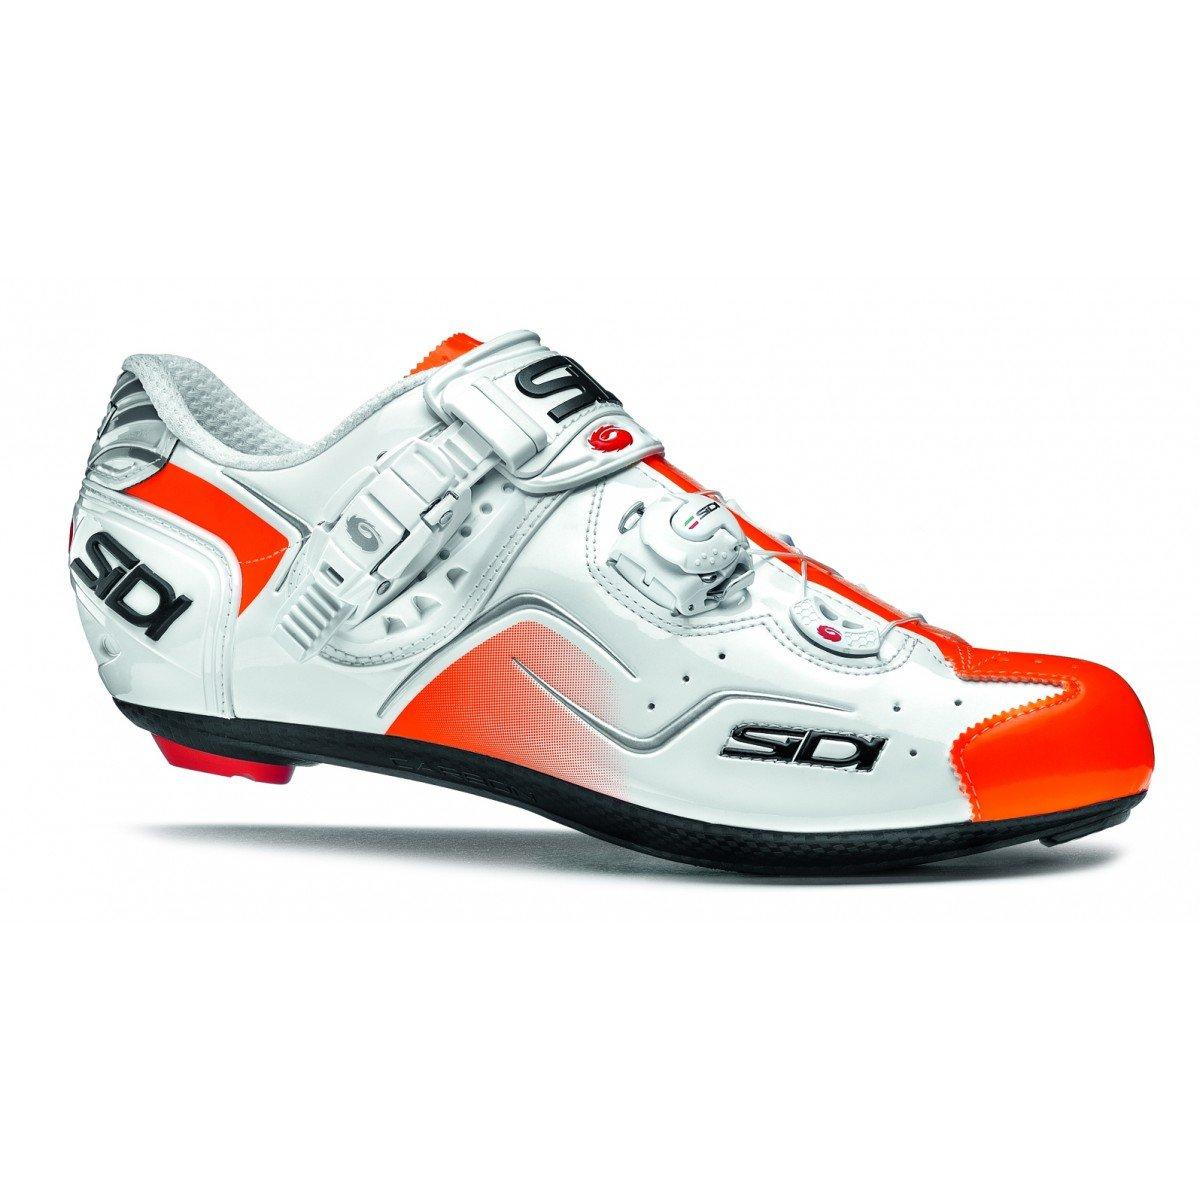 (テバ)TEVA アルプ Alp スポーツサンダル メンズ 1015849 teva11 [並行輸入品] B071H521JM